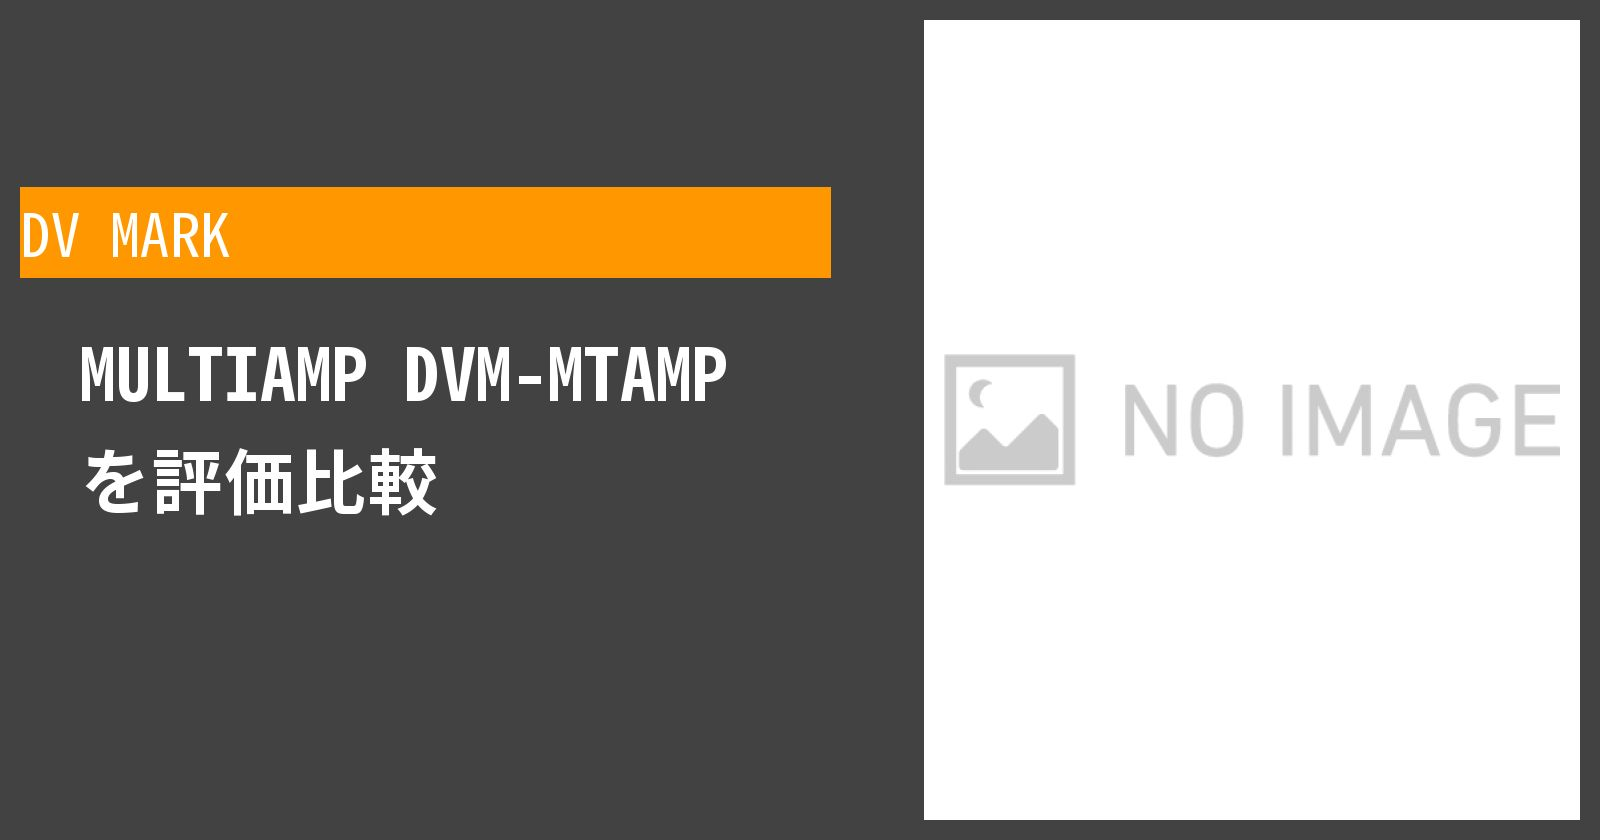 MULTIAMP DVM-MTAMPを徹底評価